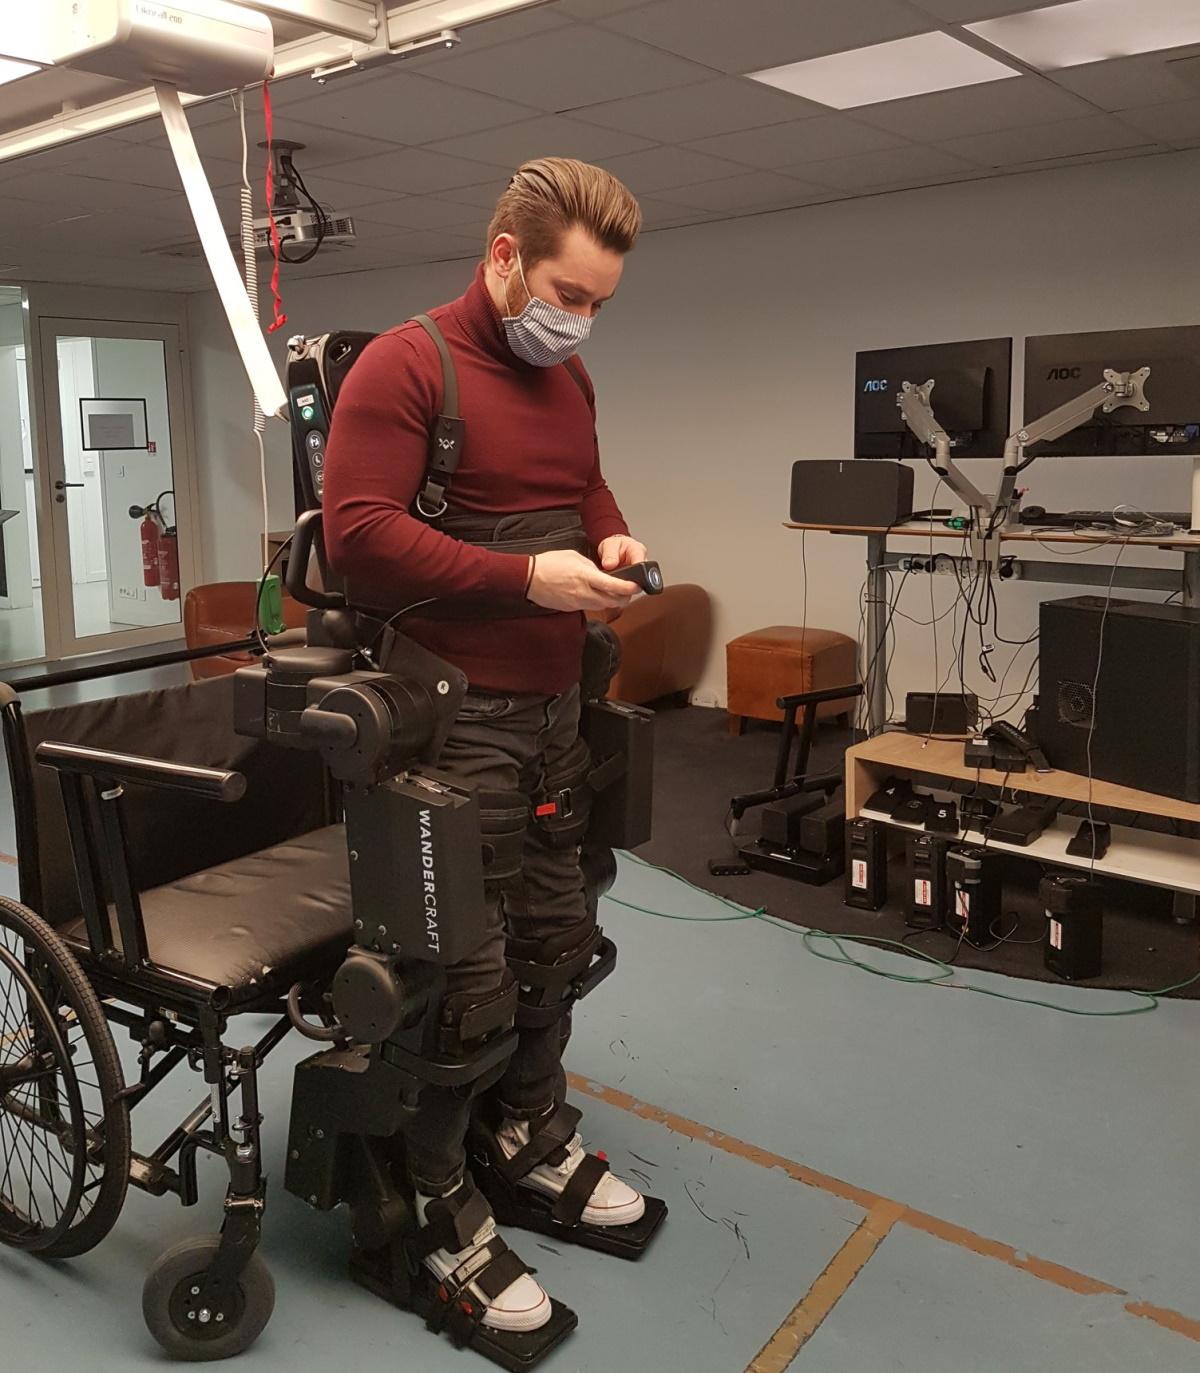 Reportage : un exosquelette autonome pour les centres de rééducation